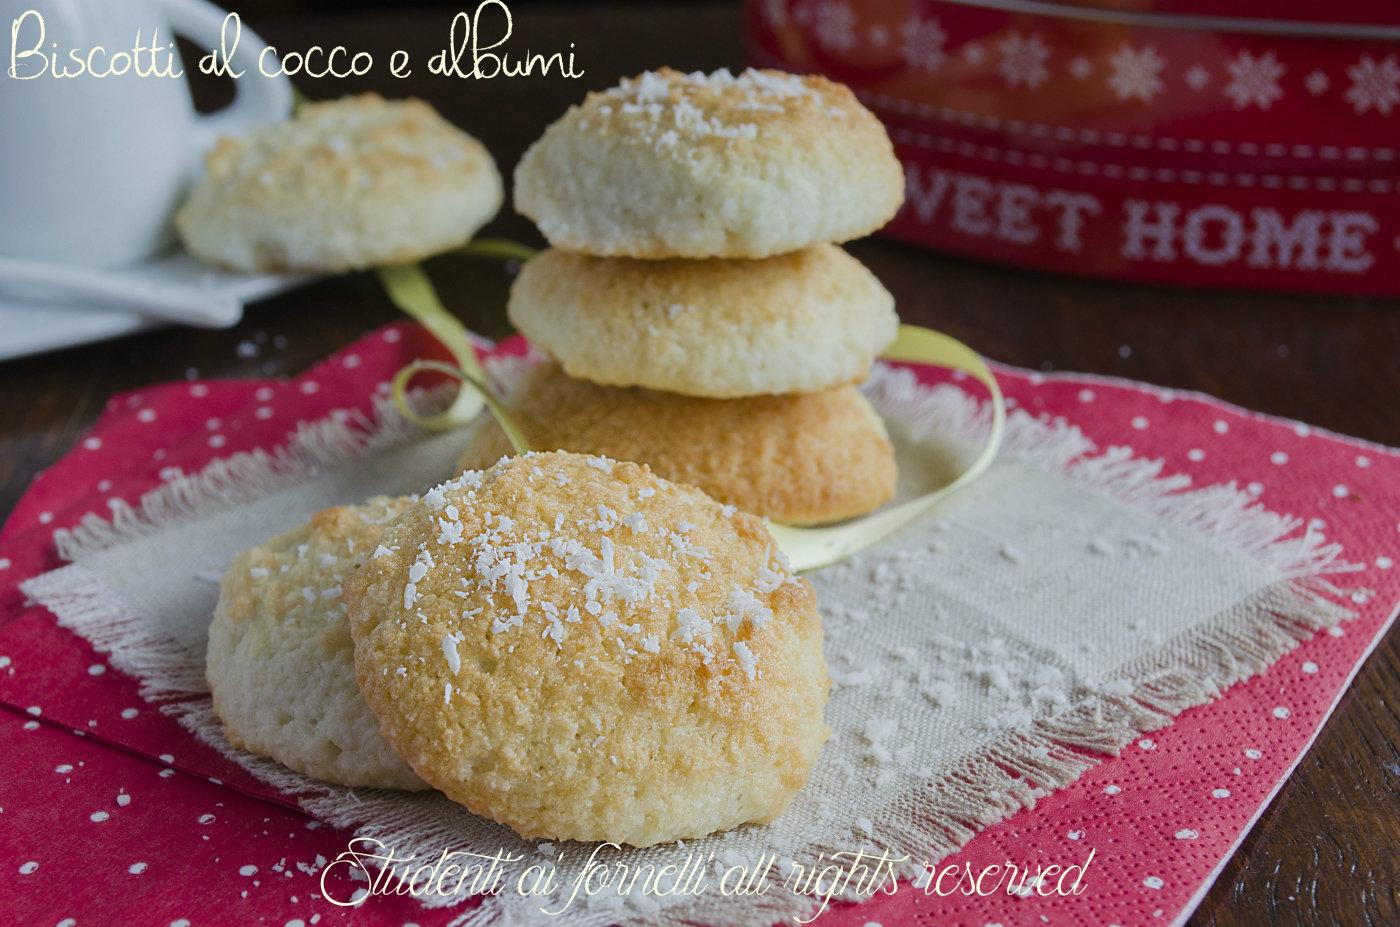 biscotti al cocco con albumi ricetta-biscotti-facili-e-veloci-senza-burro